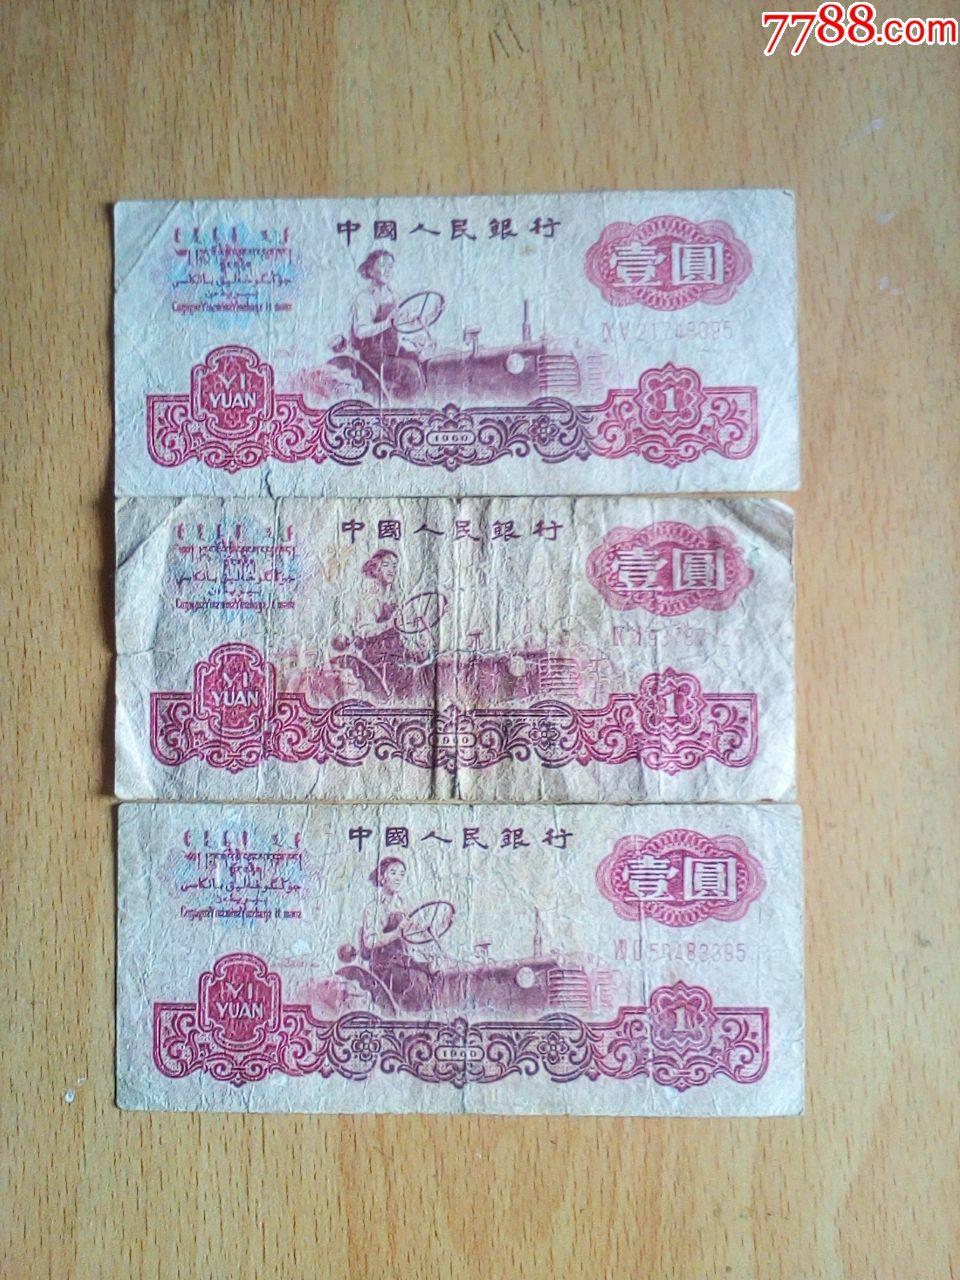 人民币收藏知识_爱藏网